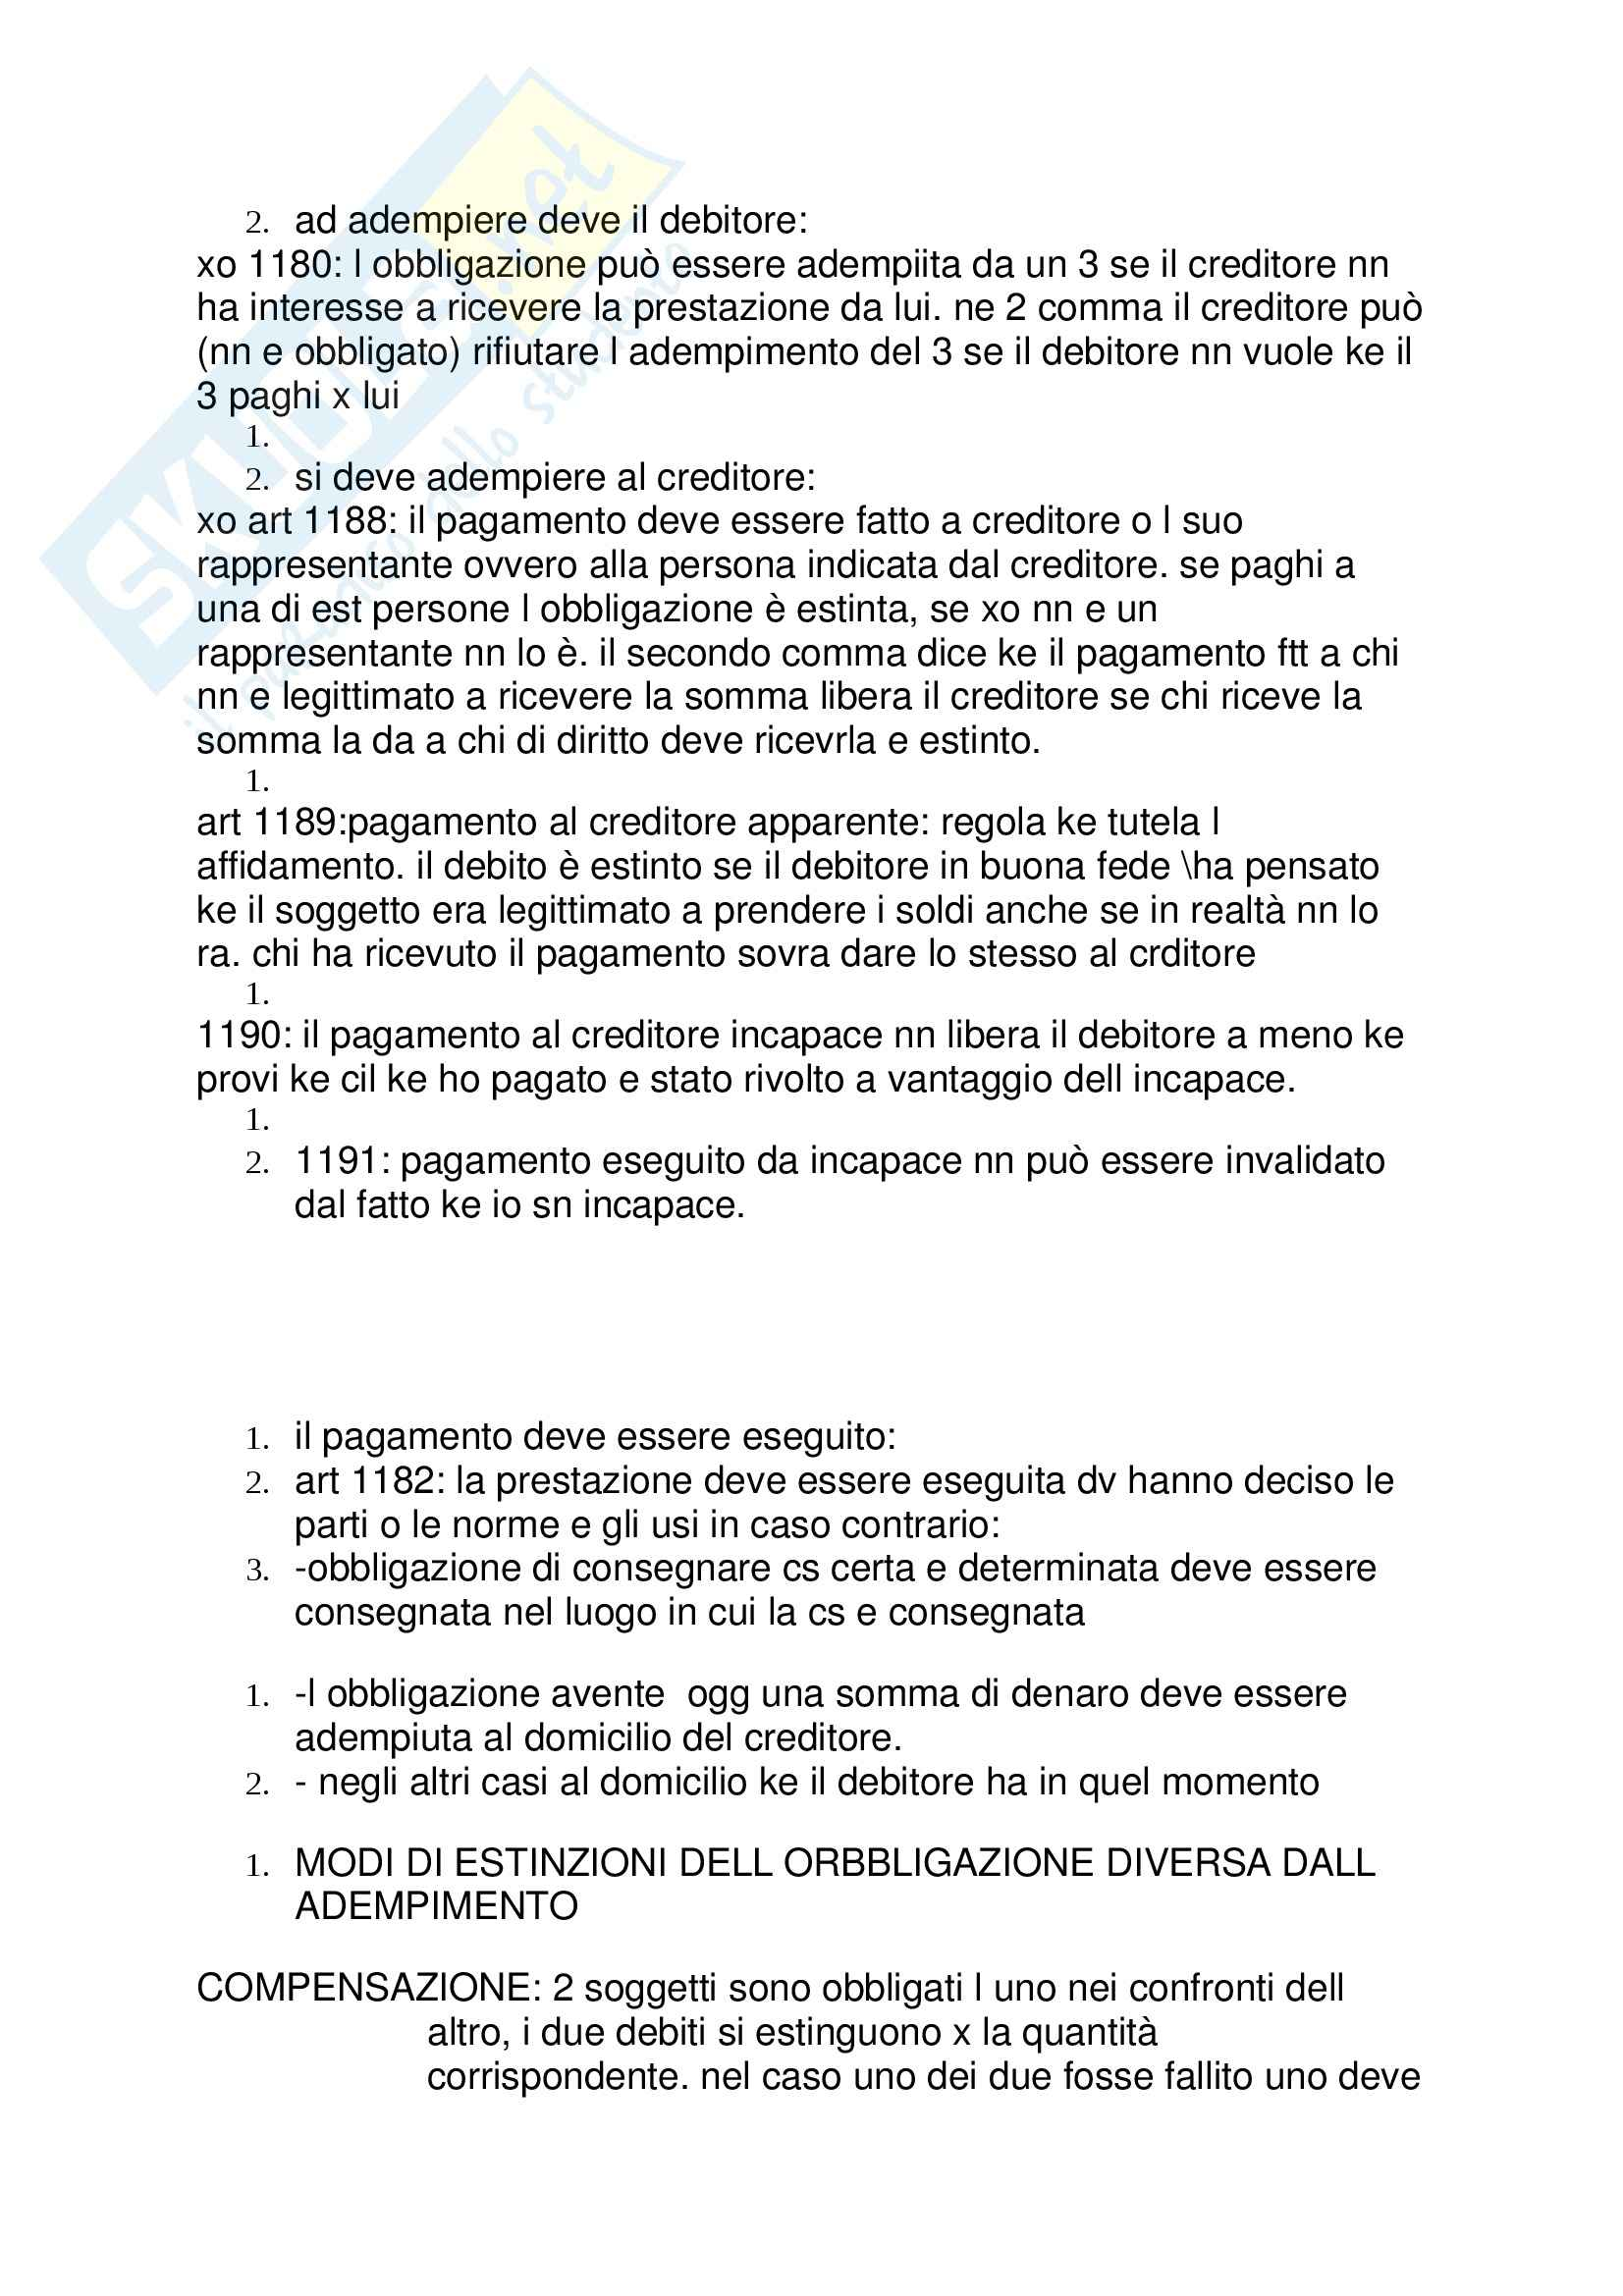 Lezioni: Appunti di Diritto privato Pag. 31